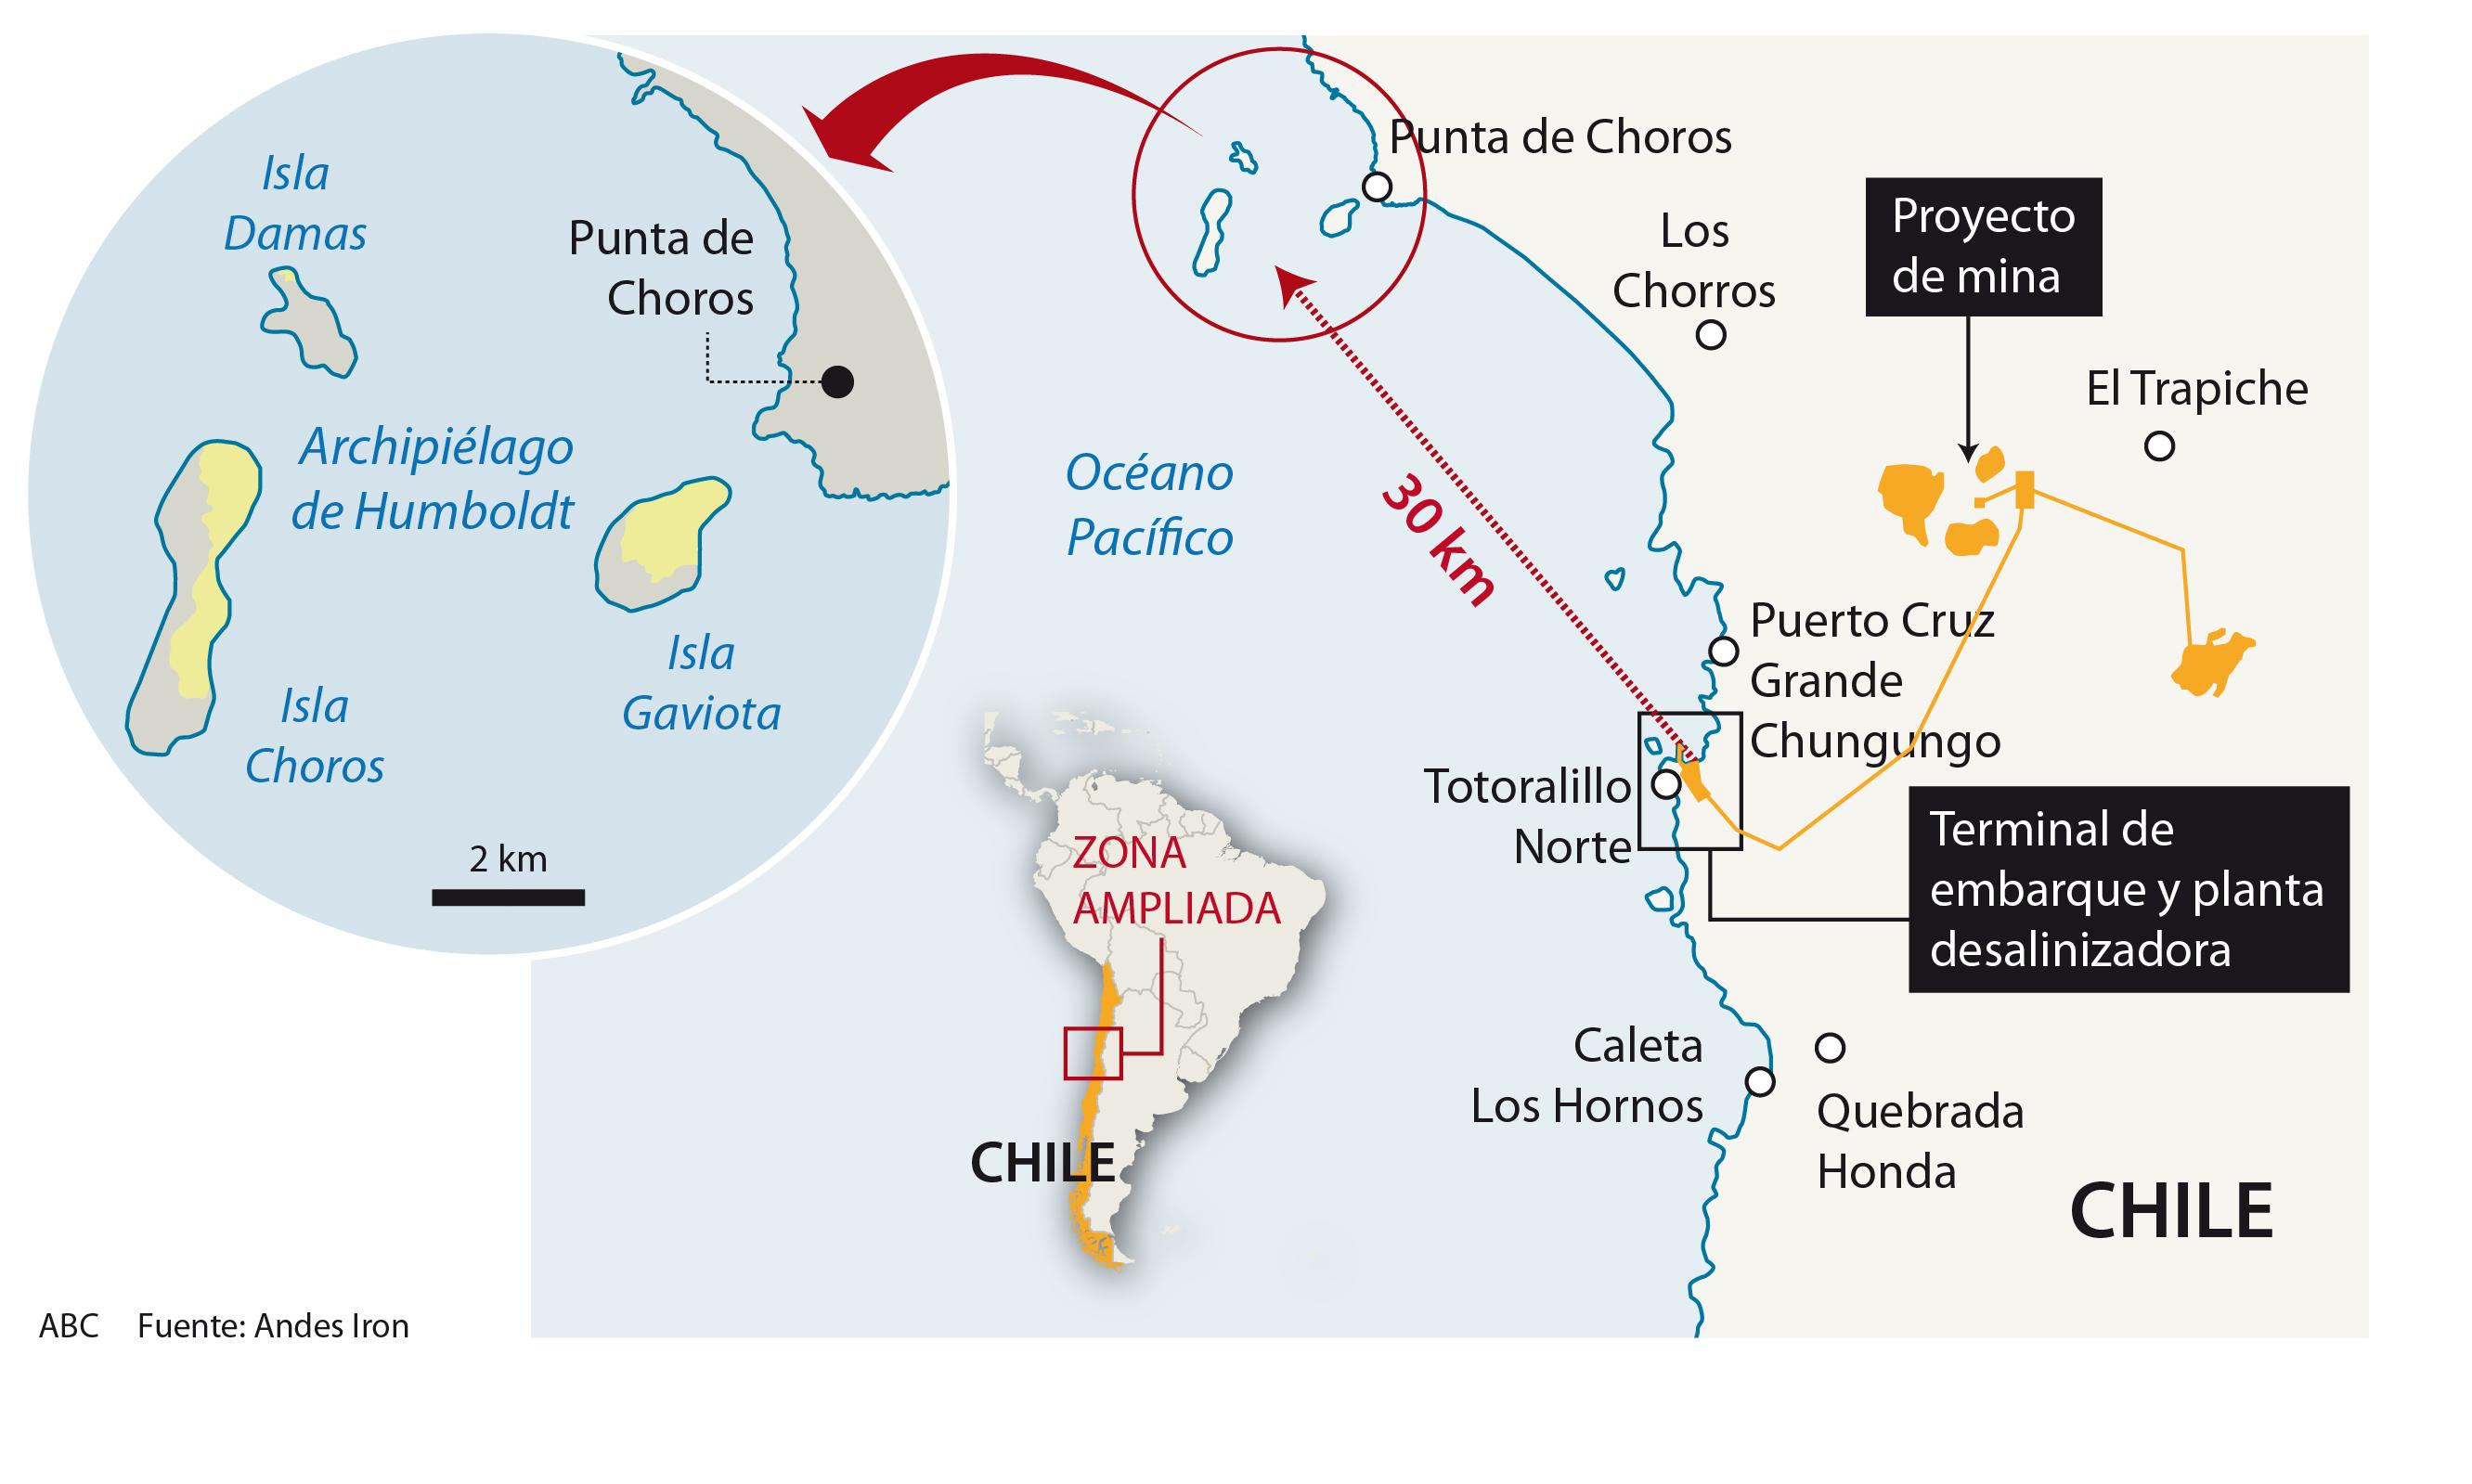 Un proyecto minero en Chile amenaza la reserva de Humboldt, el último  paraíso